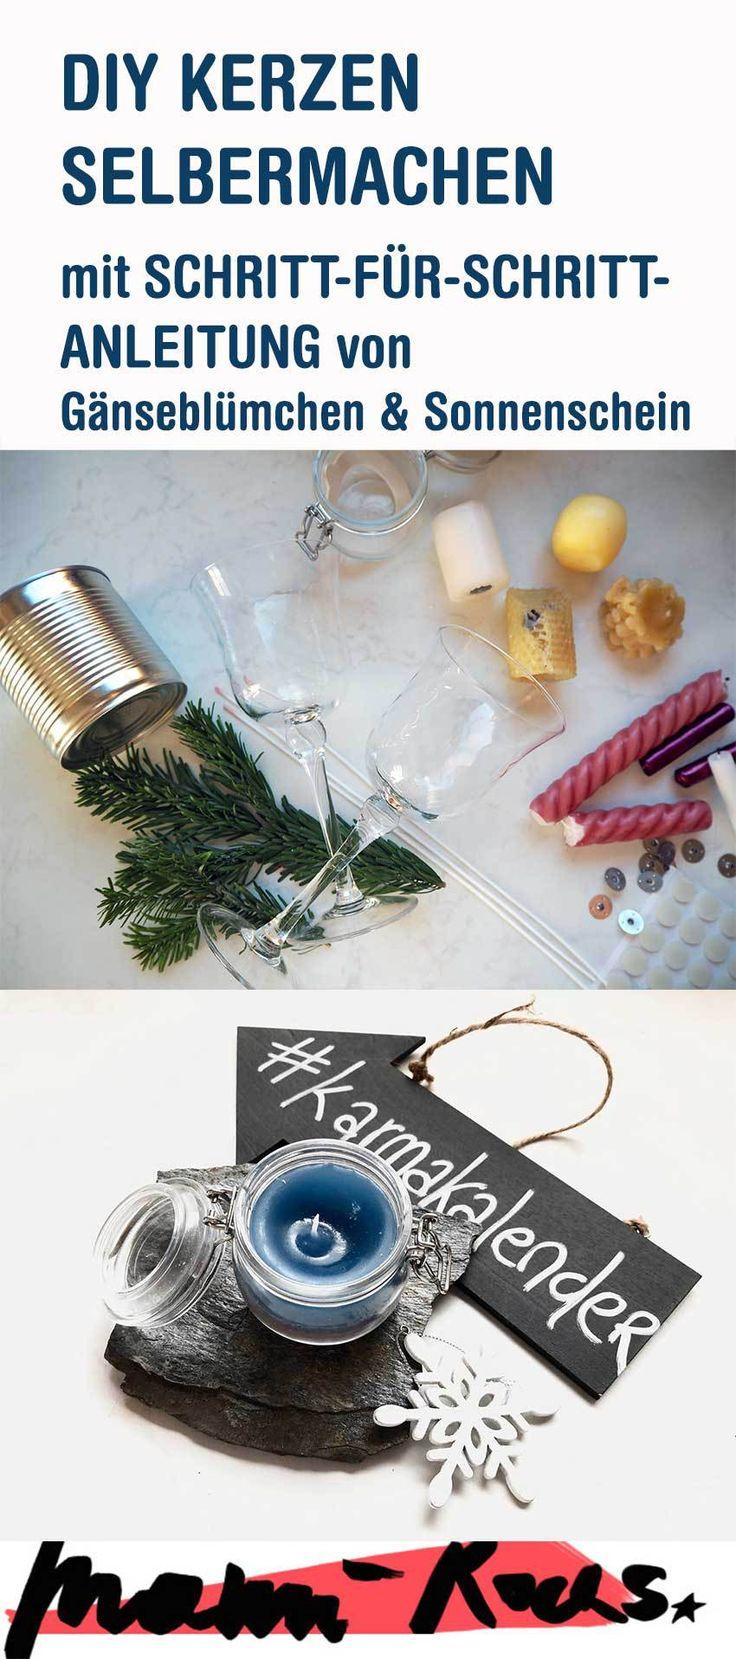 Upcycling Kerzenreste: DIY Kerzen in Gläsern selber herstellen • Mami rocks #upcycling #ausaltmachneu #nachhaltigkeit #kerzen #DIY #basteln